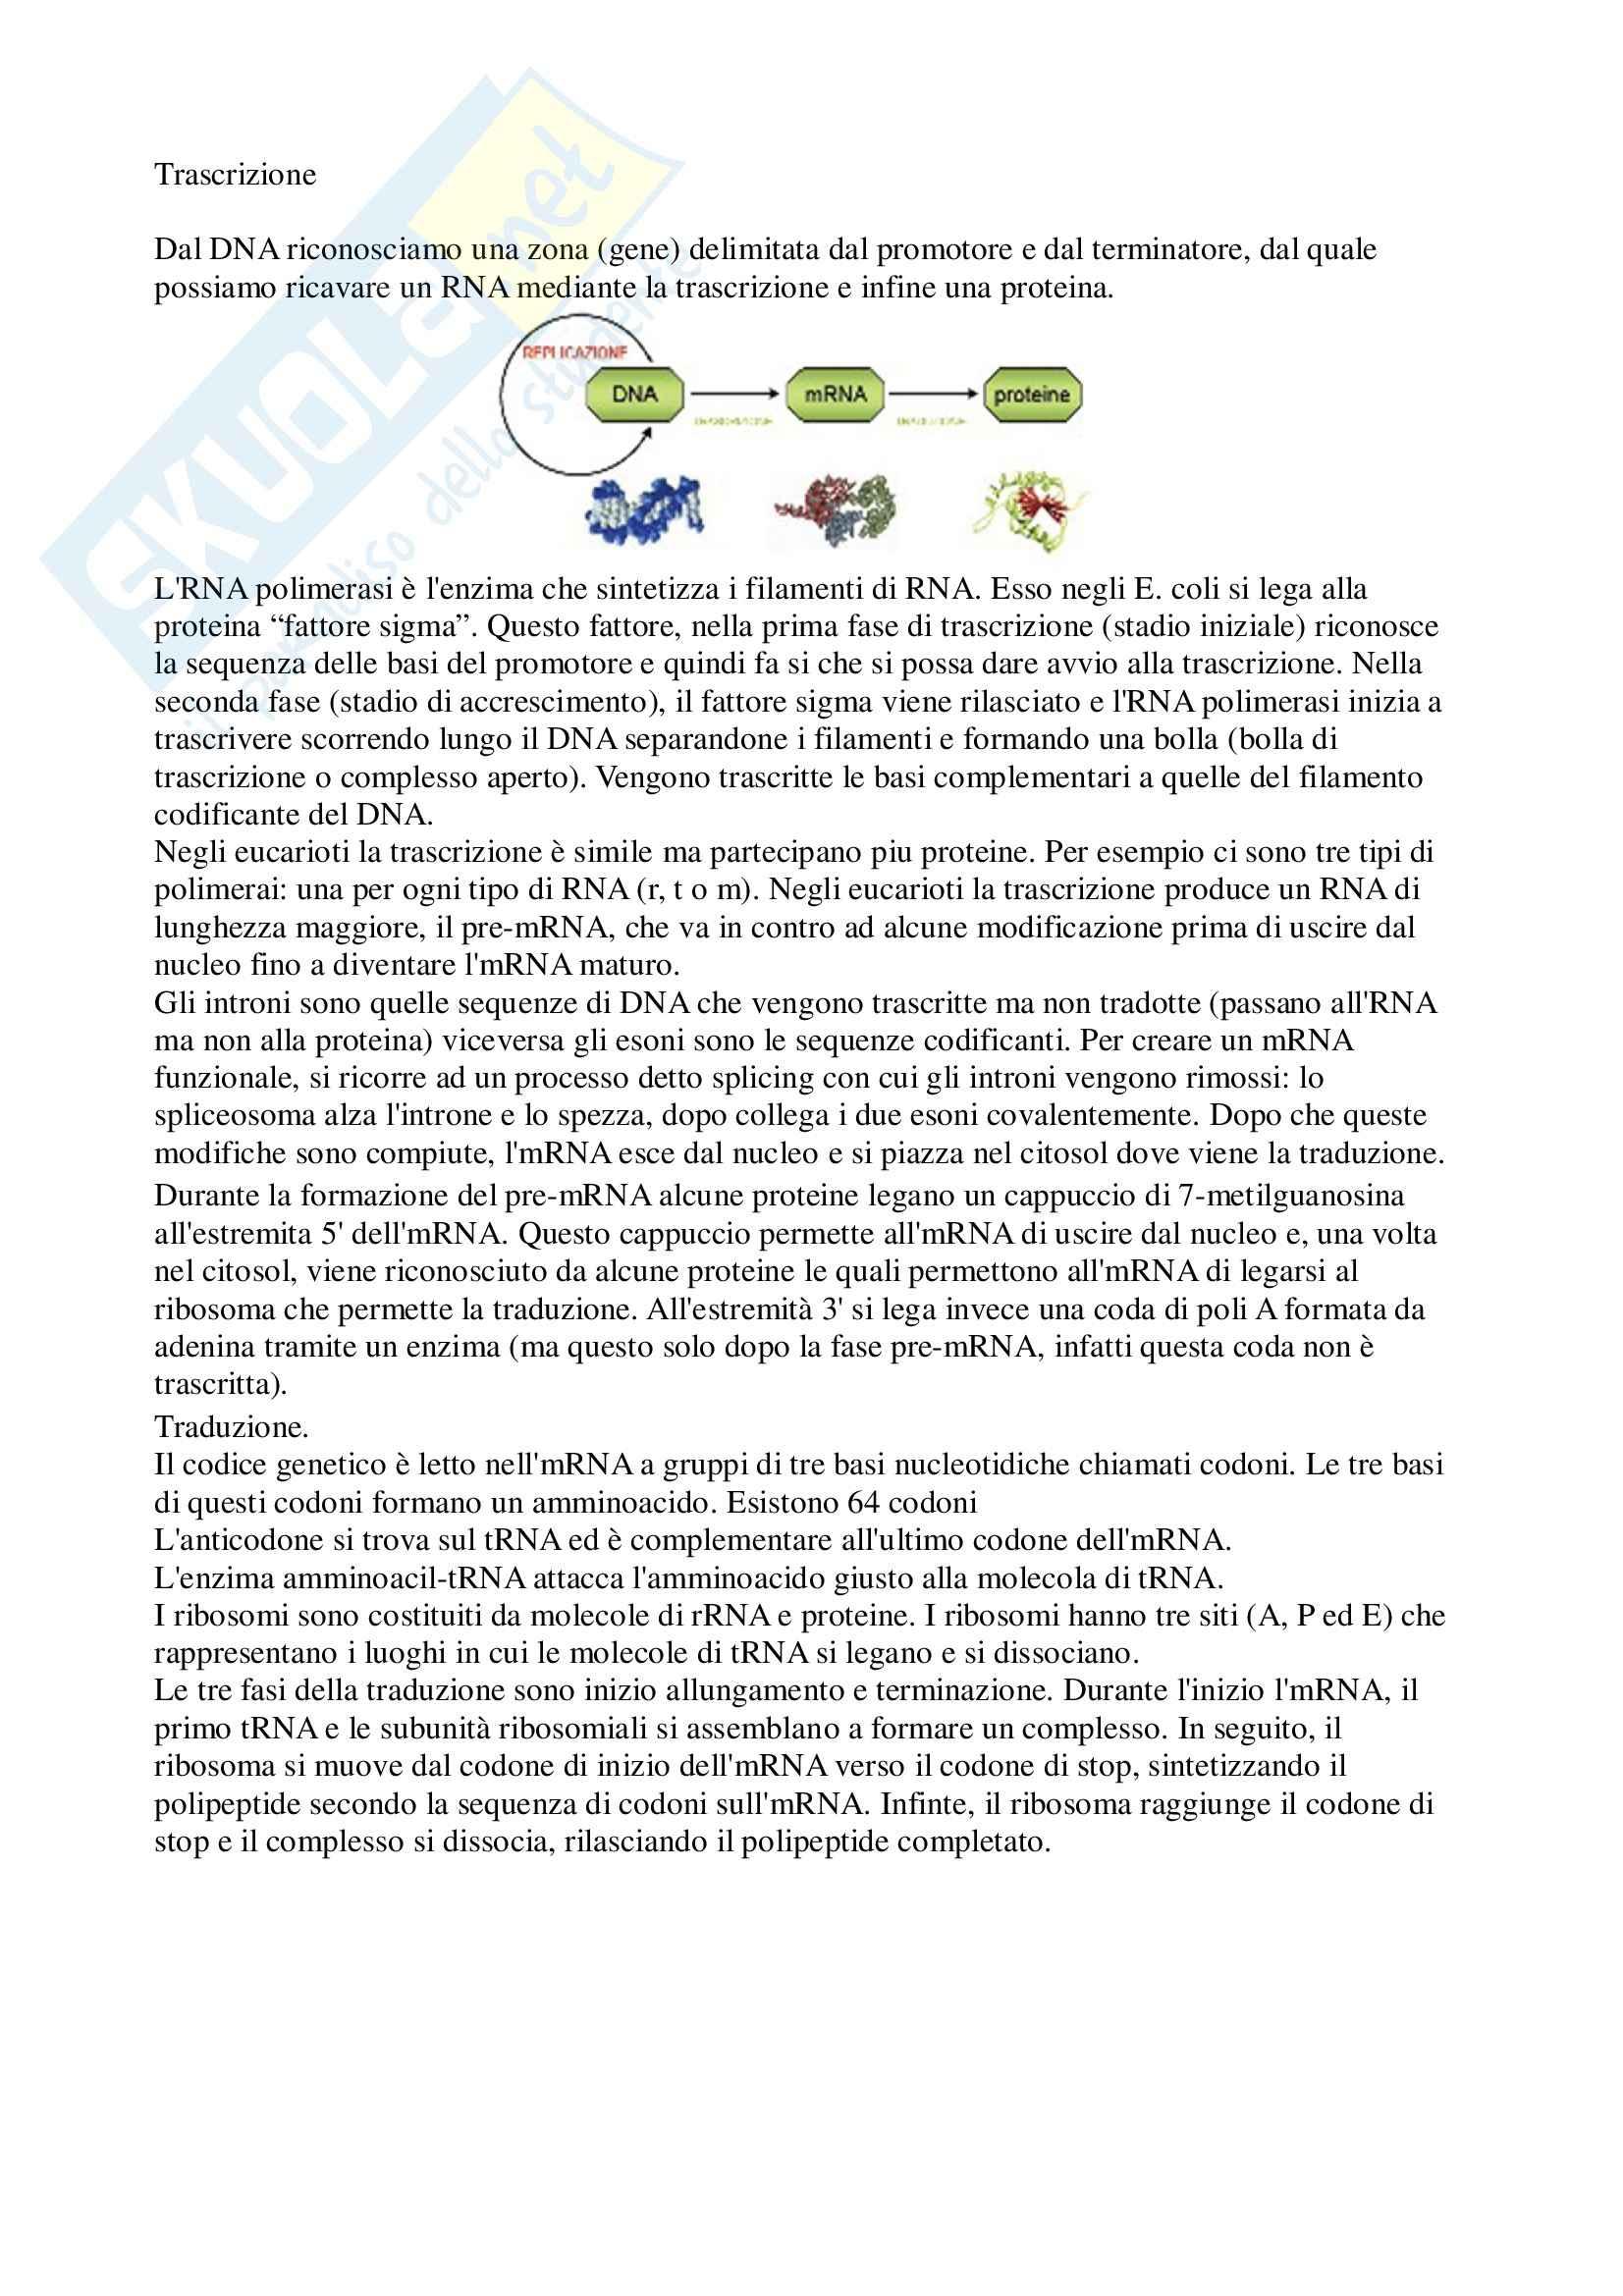 Trascrizione e traduzione, Biologia cellulare ed elementi di genetica